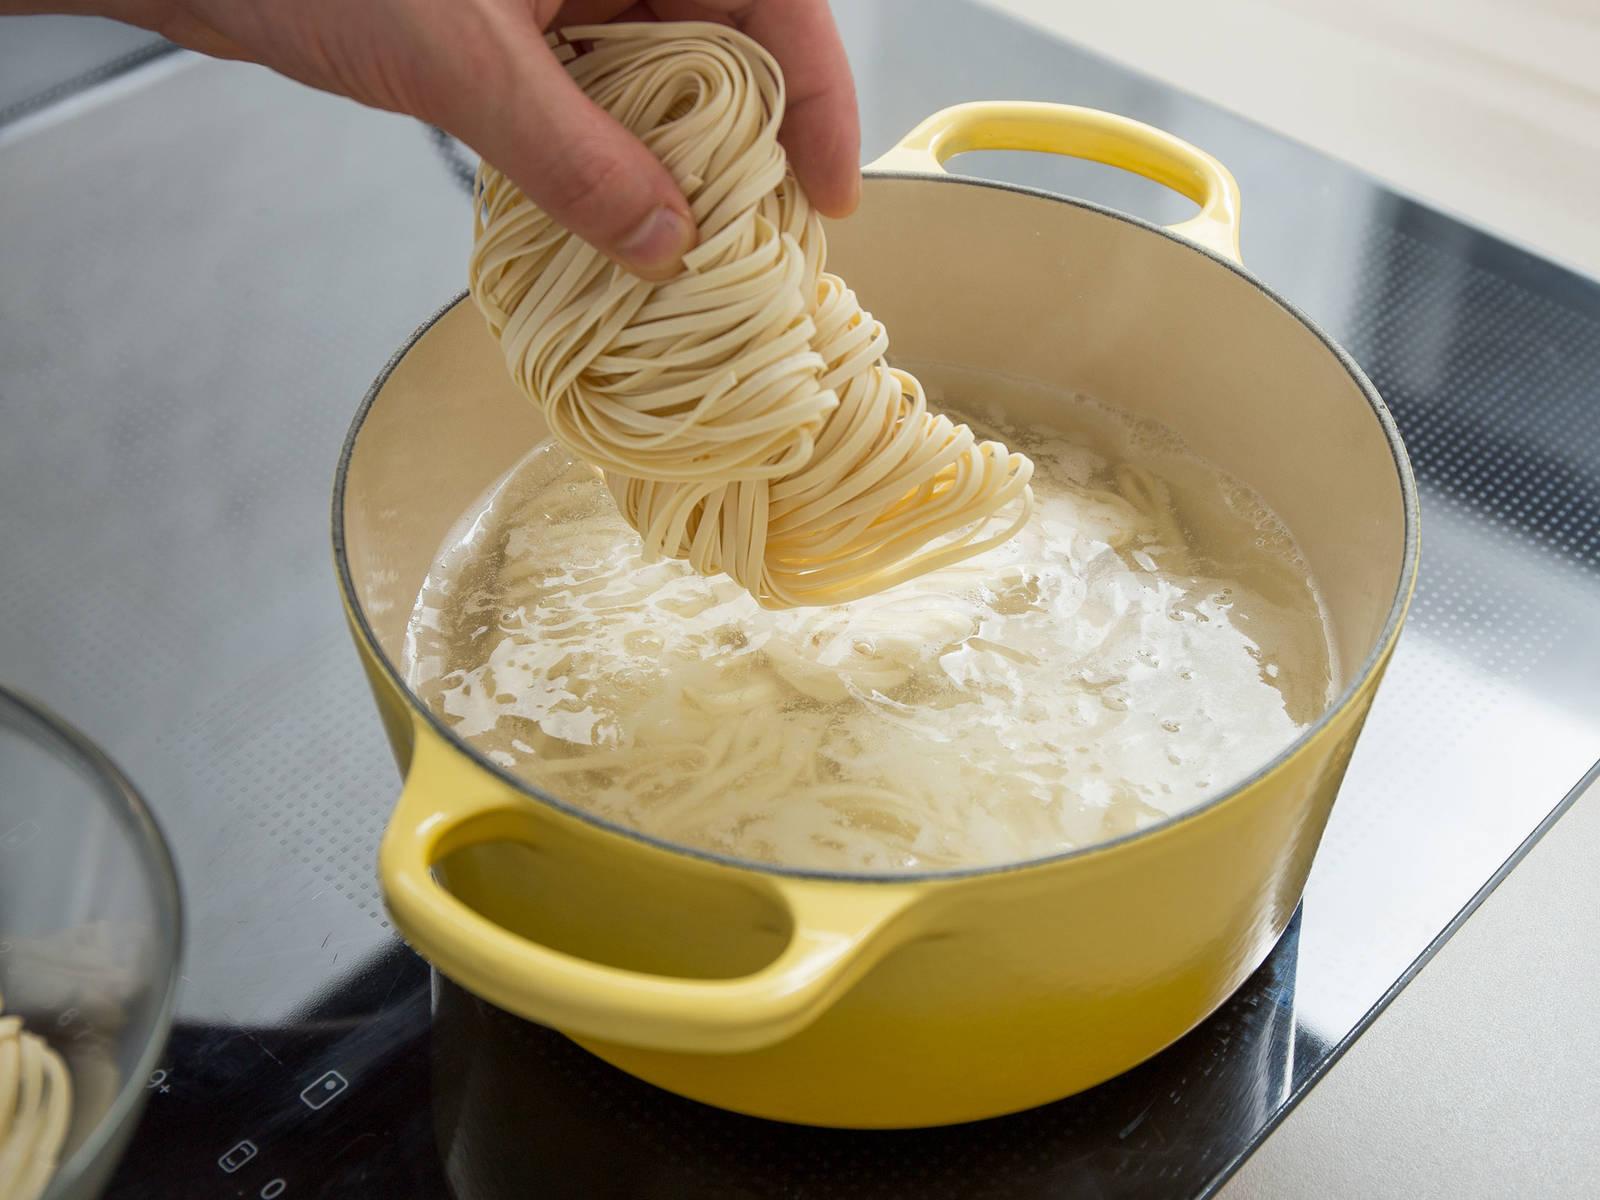 往大平底锅中加水,煮沸。放入鸡蛋面,煮6-8分钟,或煮出弹牙嚼劲。滤干,放冷水中,置于一旁。